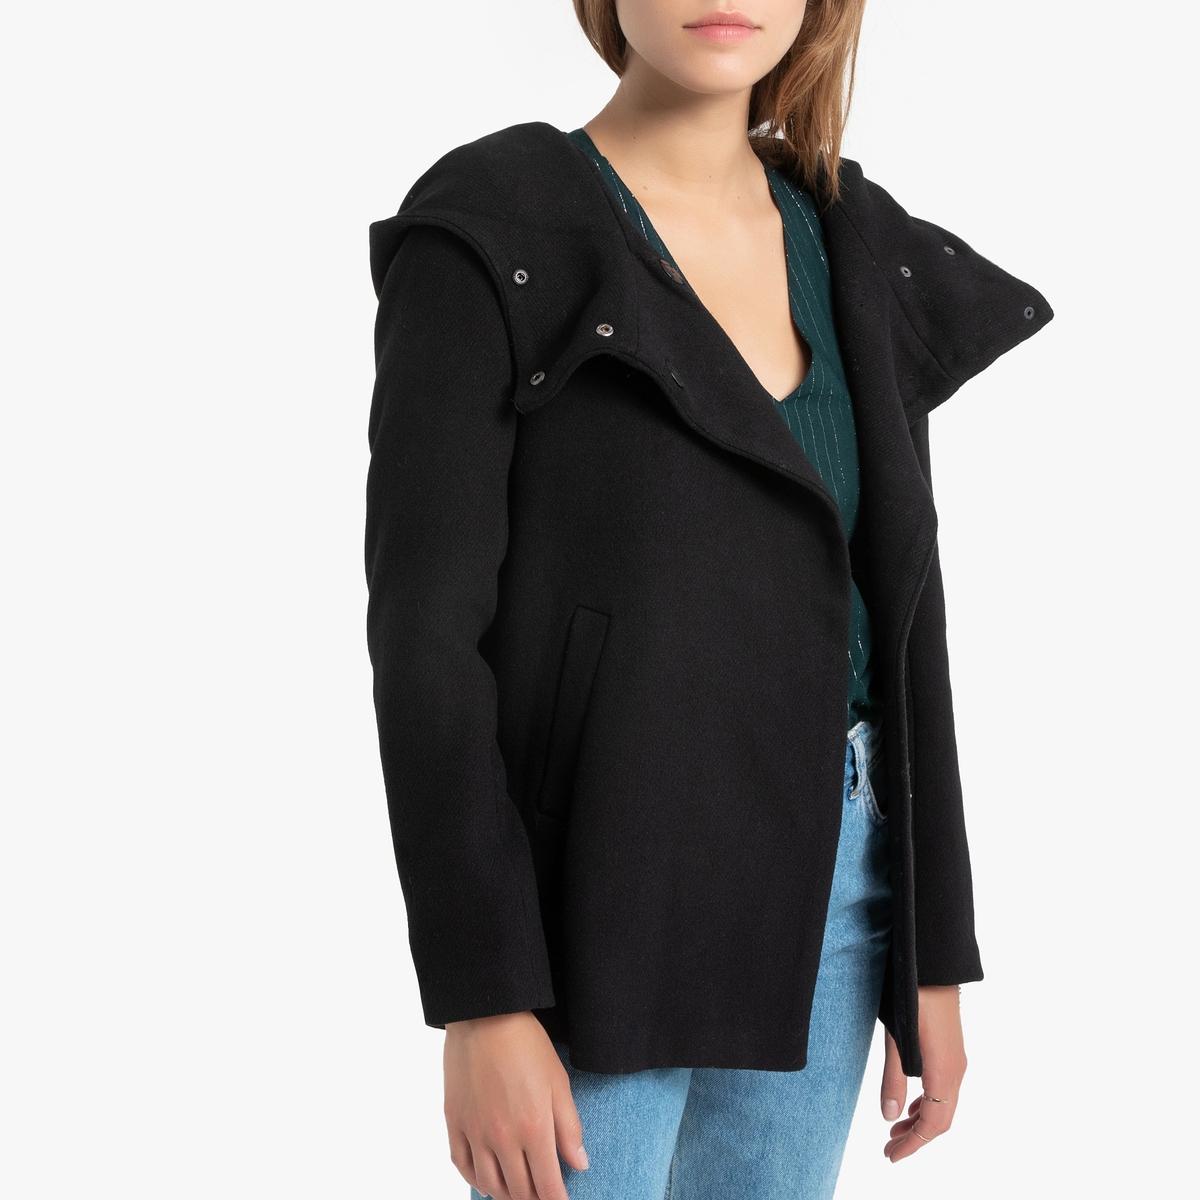 Пальто La Redoute Средней длины с капюшоном и воротником-стойкой M черный цены